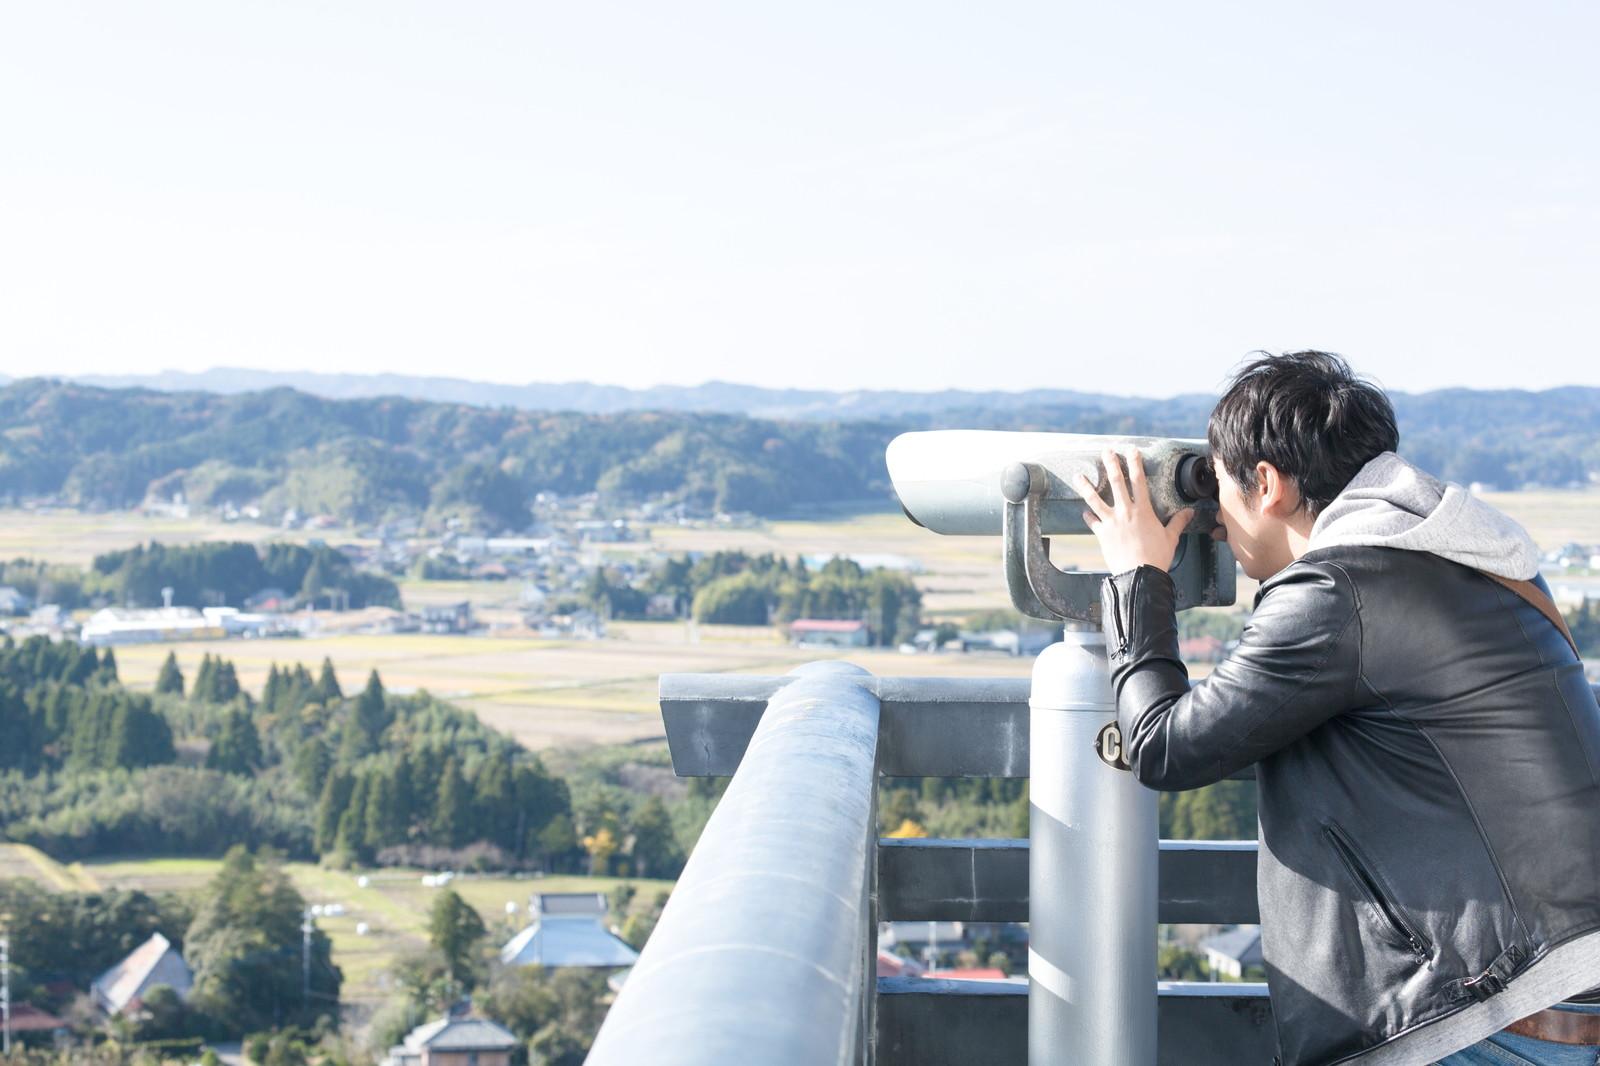 GLOBALG.A.P.ヨーロッパ視察ツアー計画(2017年6月29日出発)満員御礼